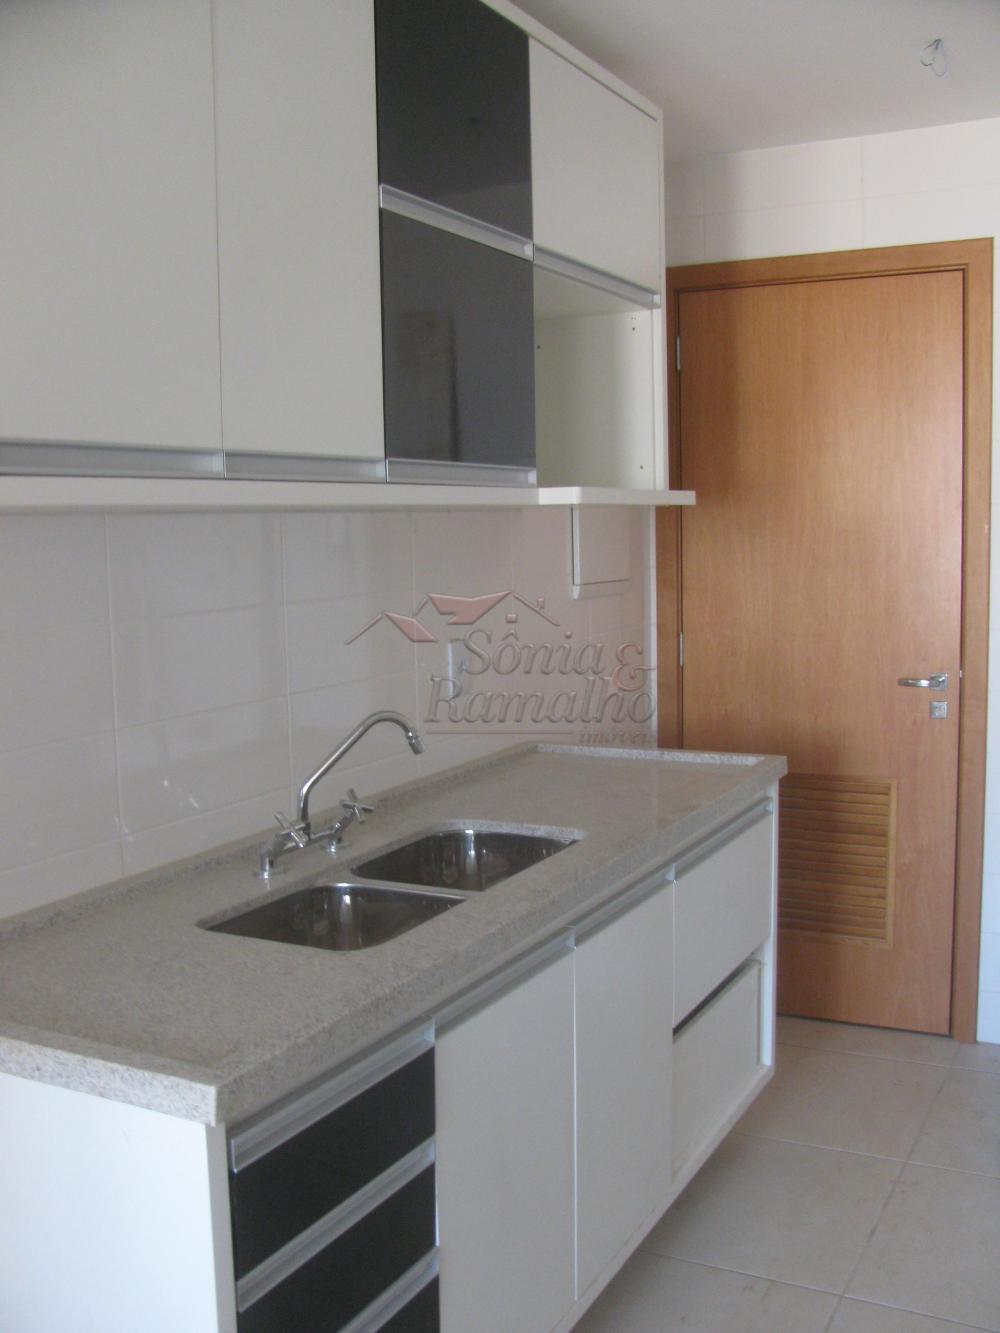 Comprar Apartamentos / Padrão em Ribeirão Preto apenas R$ 543.000,00 - Foto 3